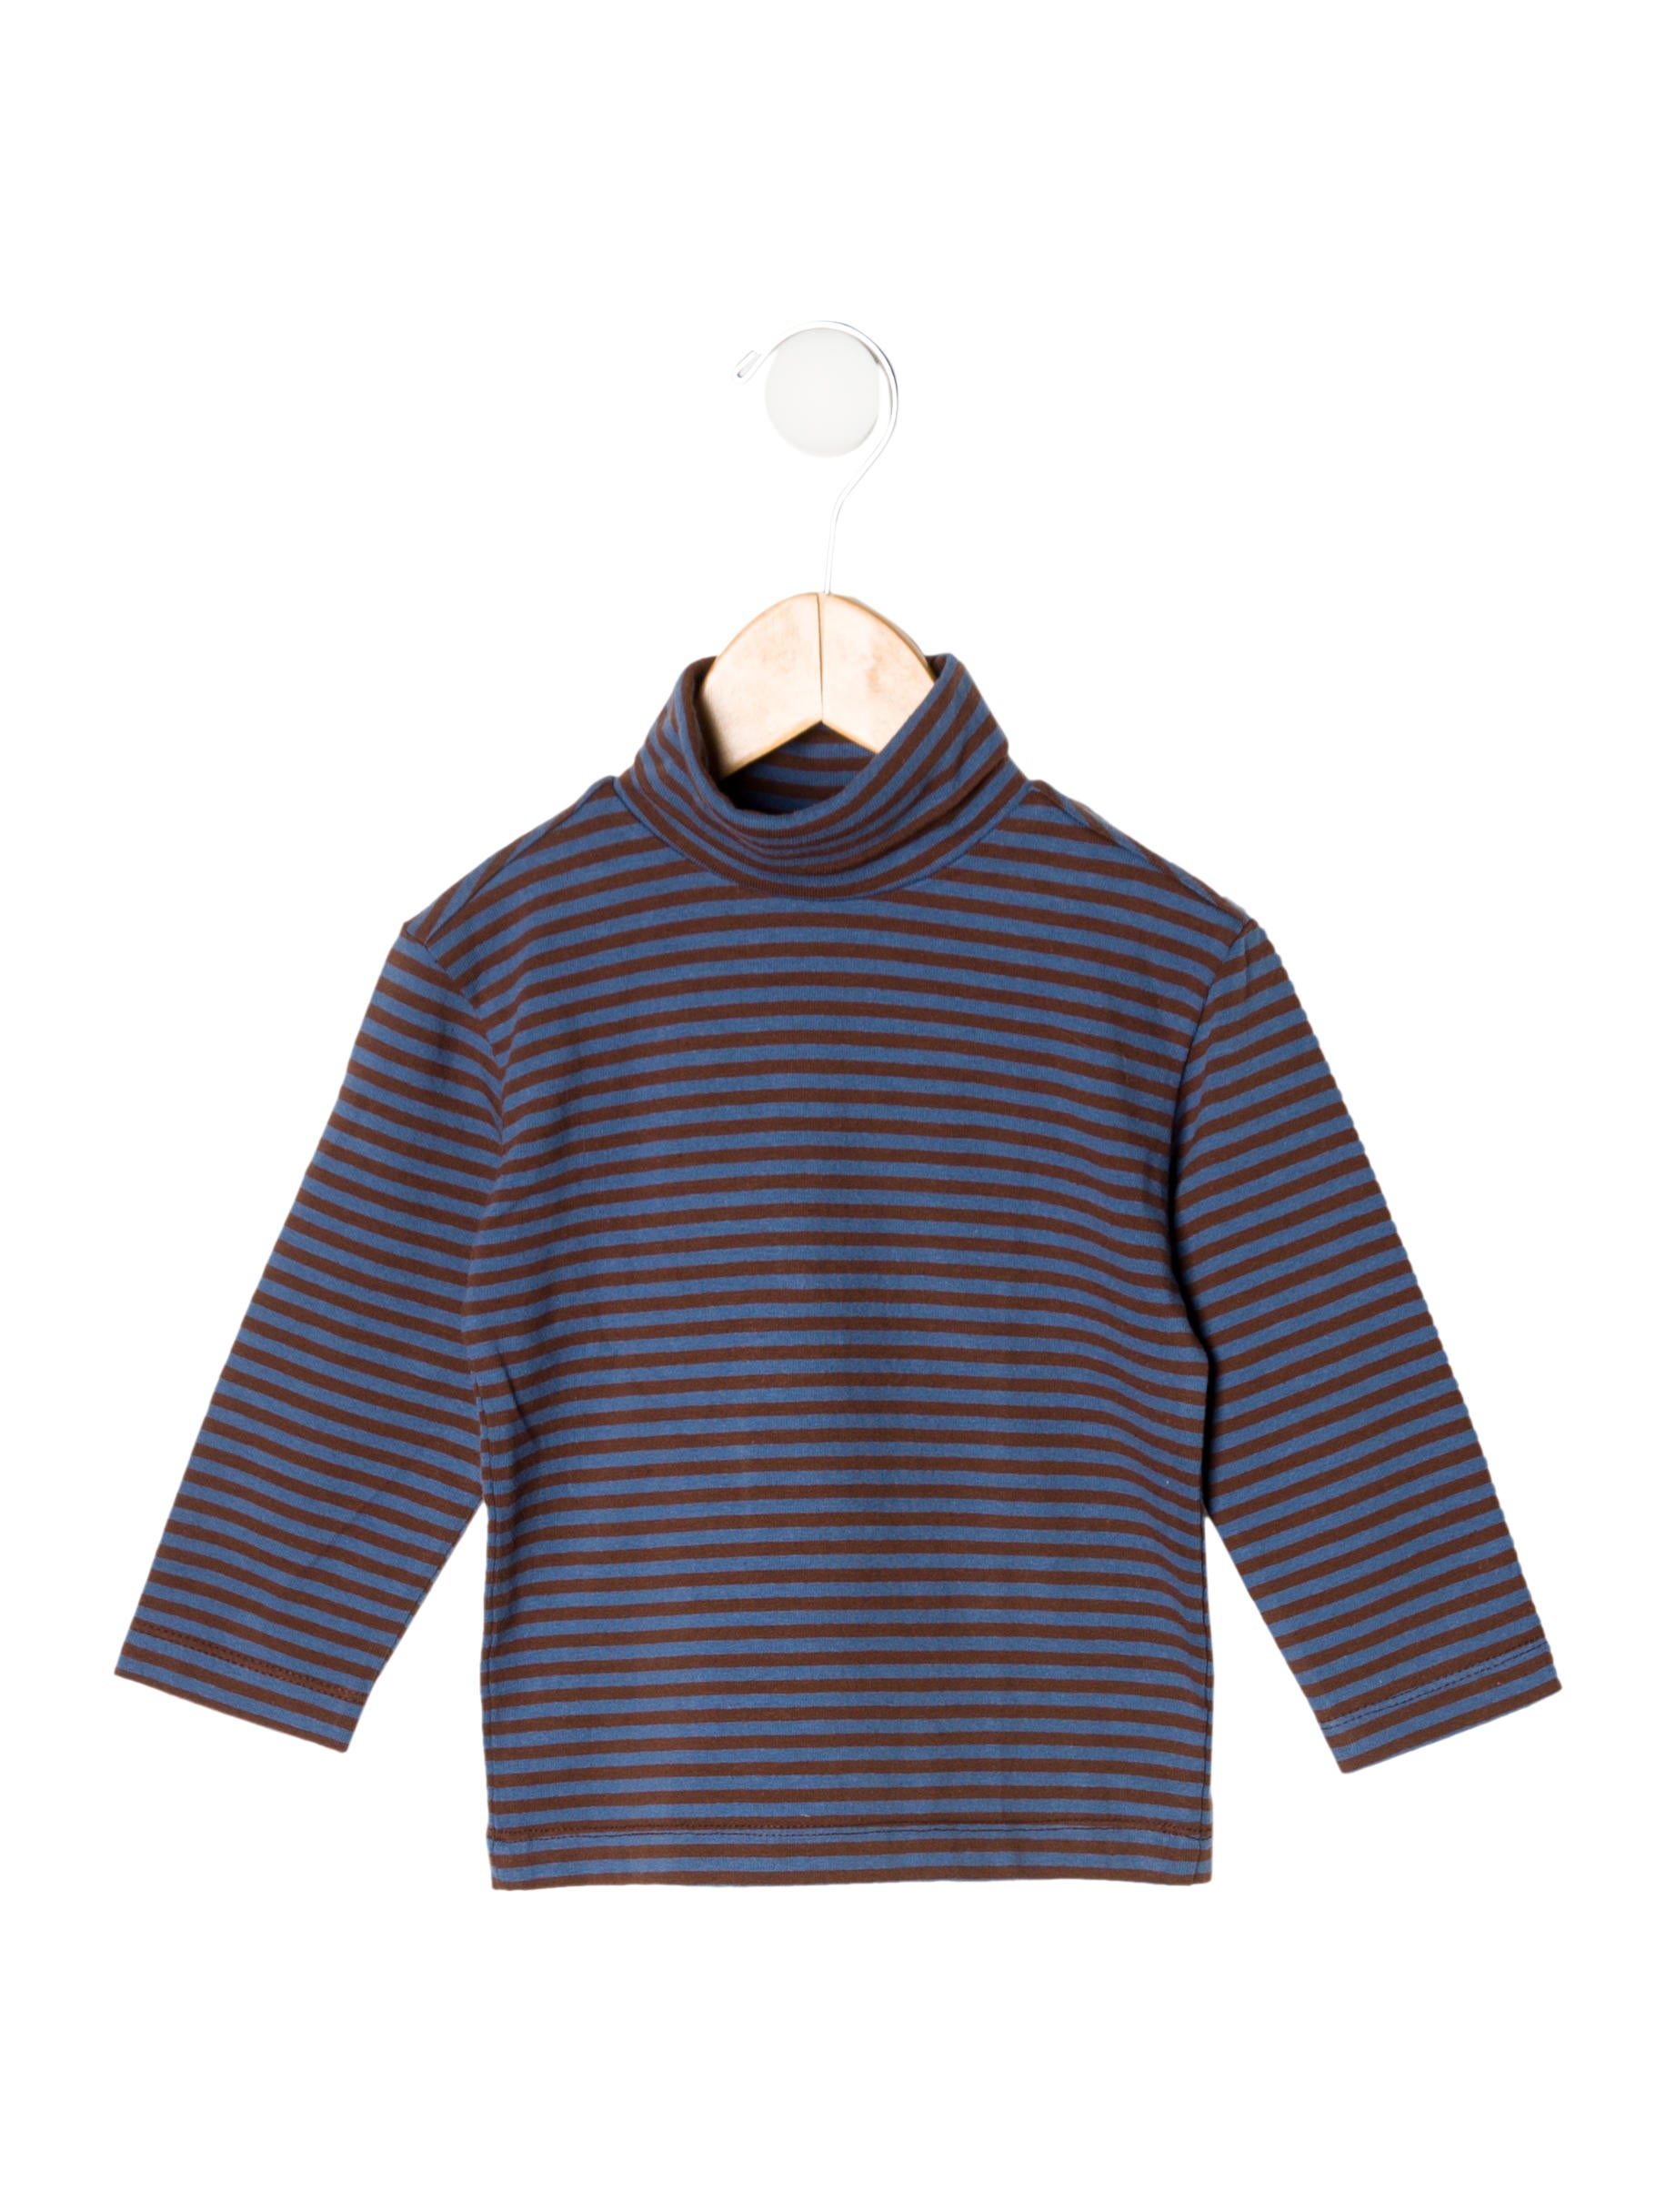 Oscar De La Renta Boys 39 Striped Turtleneck Shirt W Tags